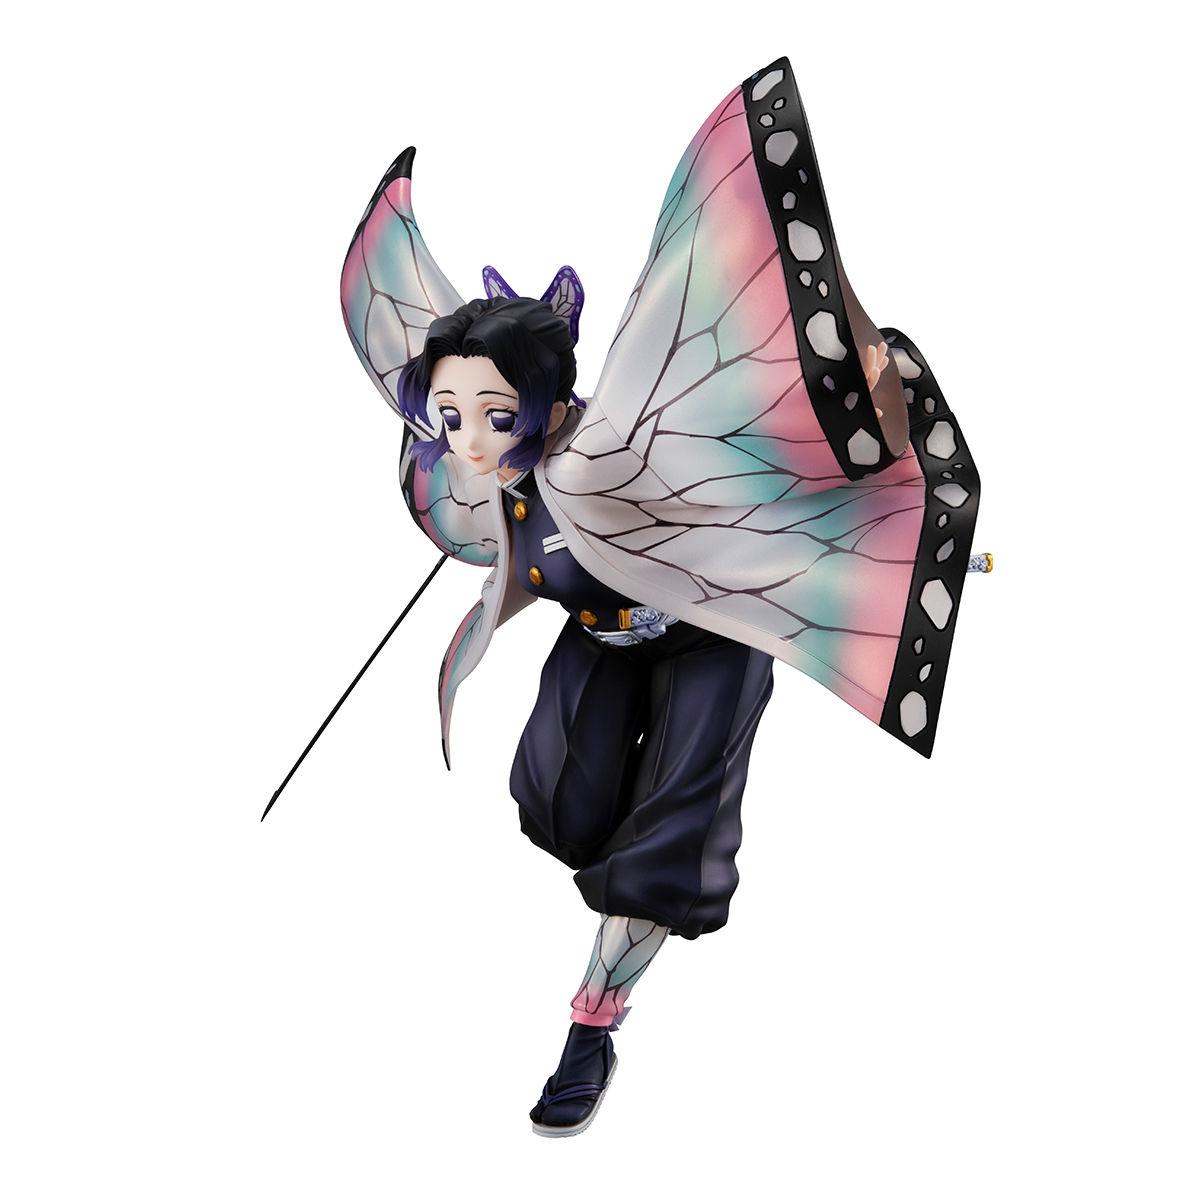 【限定販売】ギャルズシリーズ『胡蝶しのぶ(こちょう しのぶ)』鬼滅の刃 完成品フィギュア-003